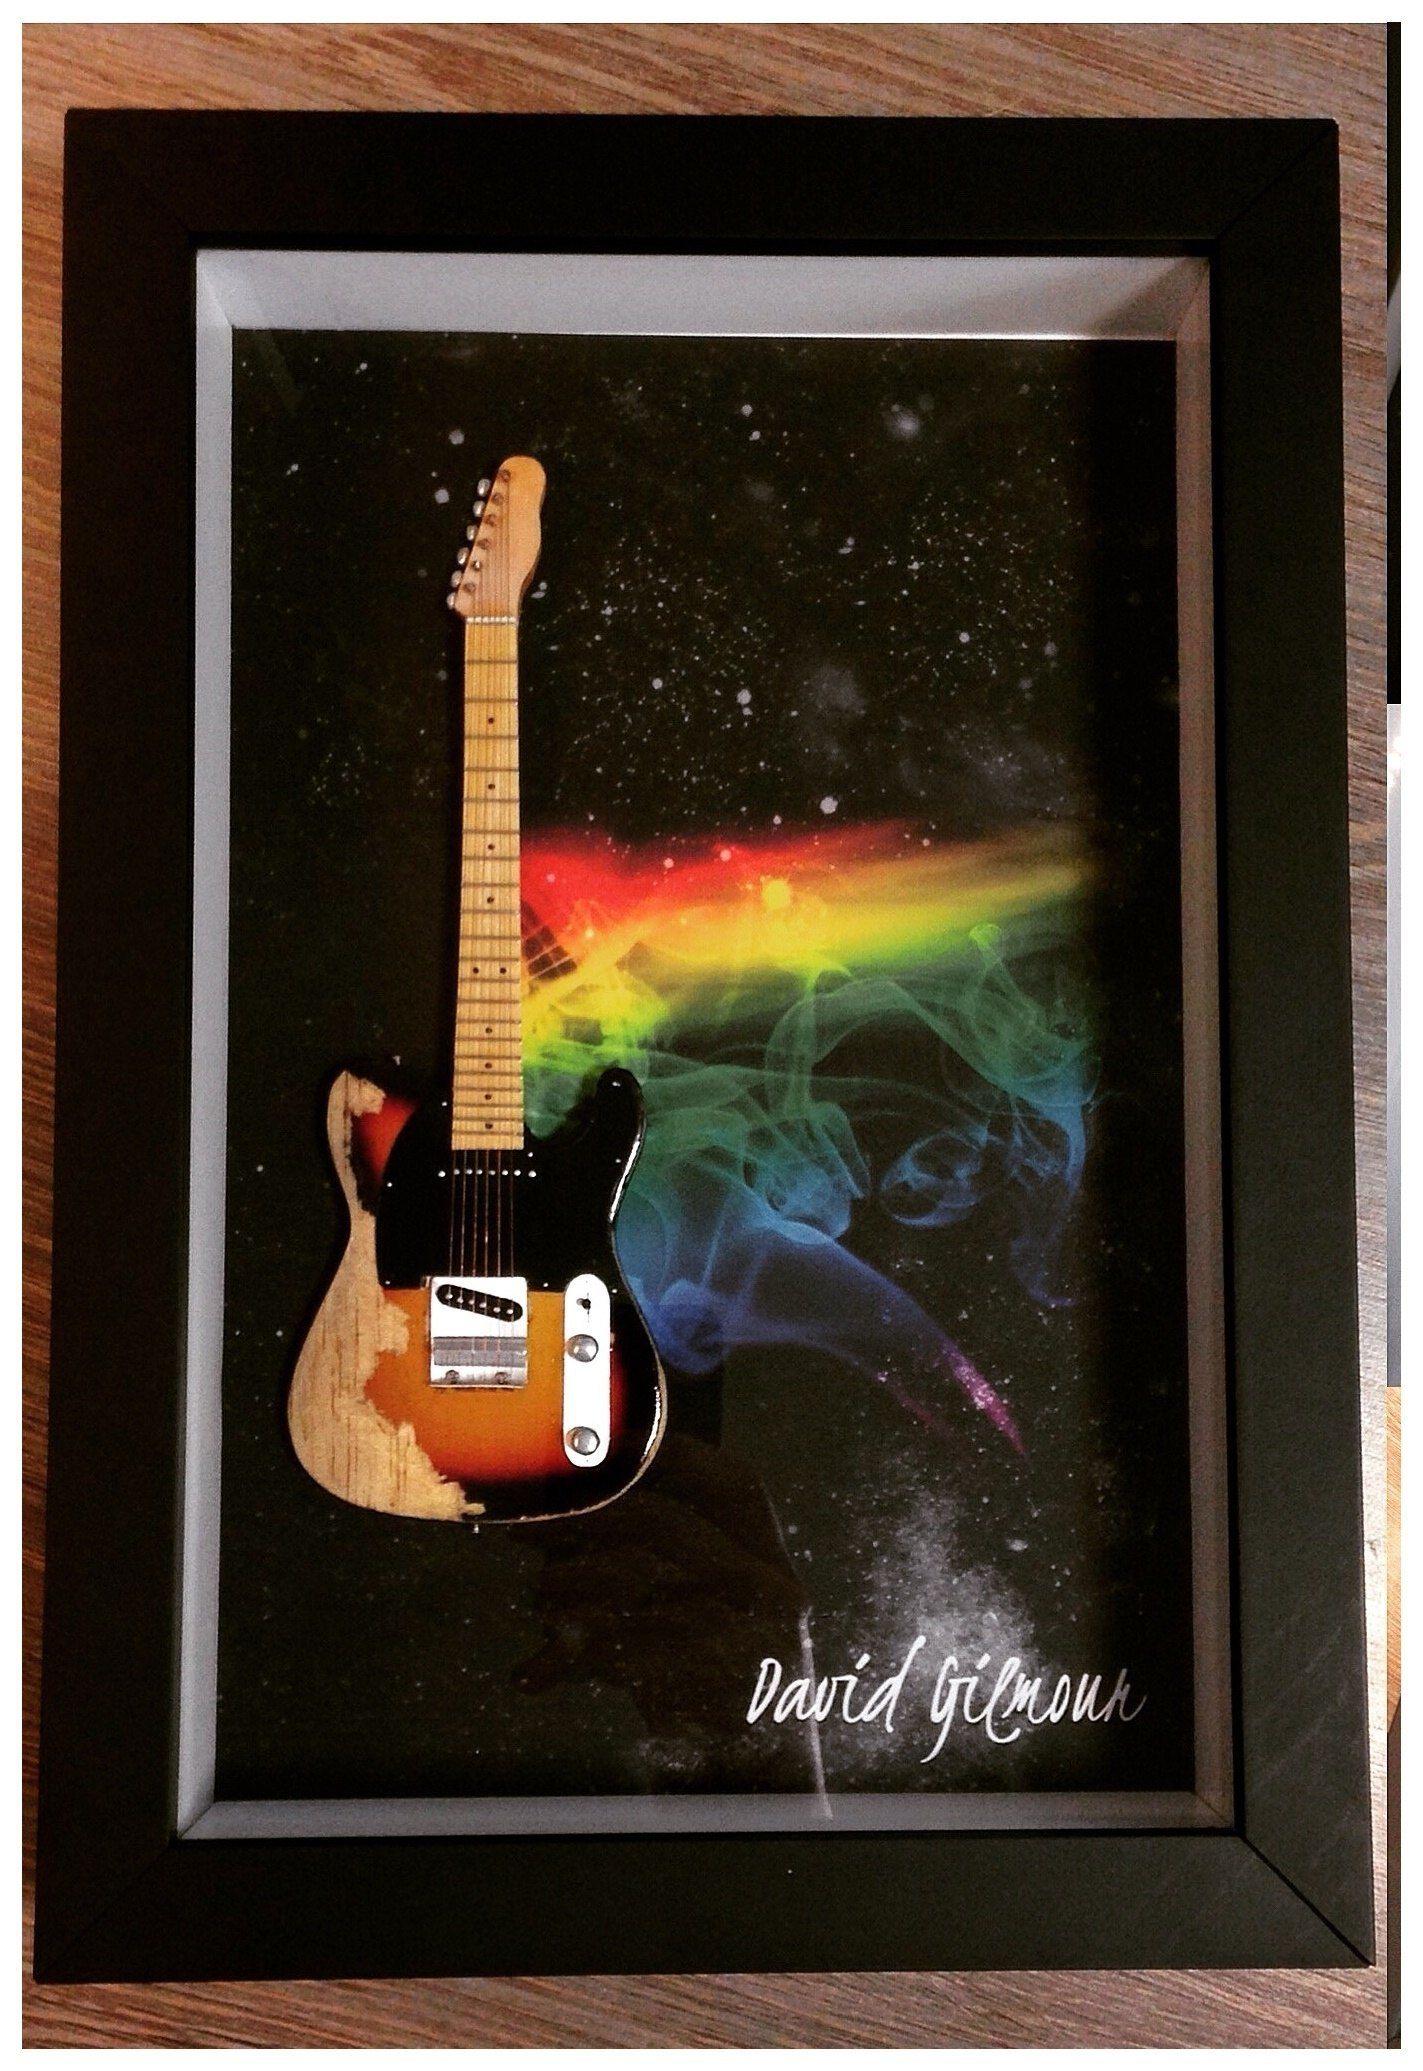 Miniatura Instrumento Musical Guitarra  Pink Floyd  David Gilmour com quadro